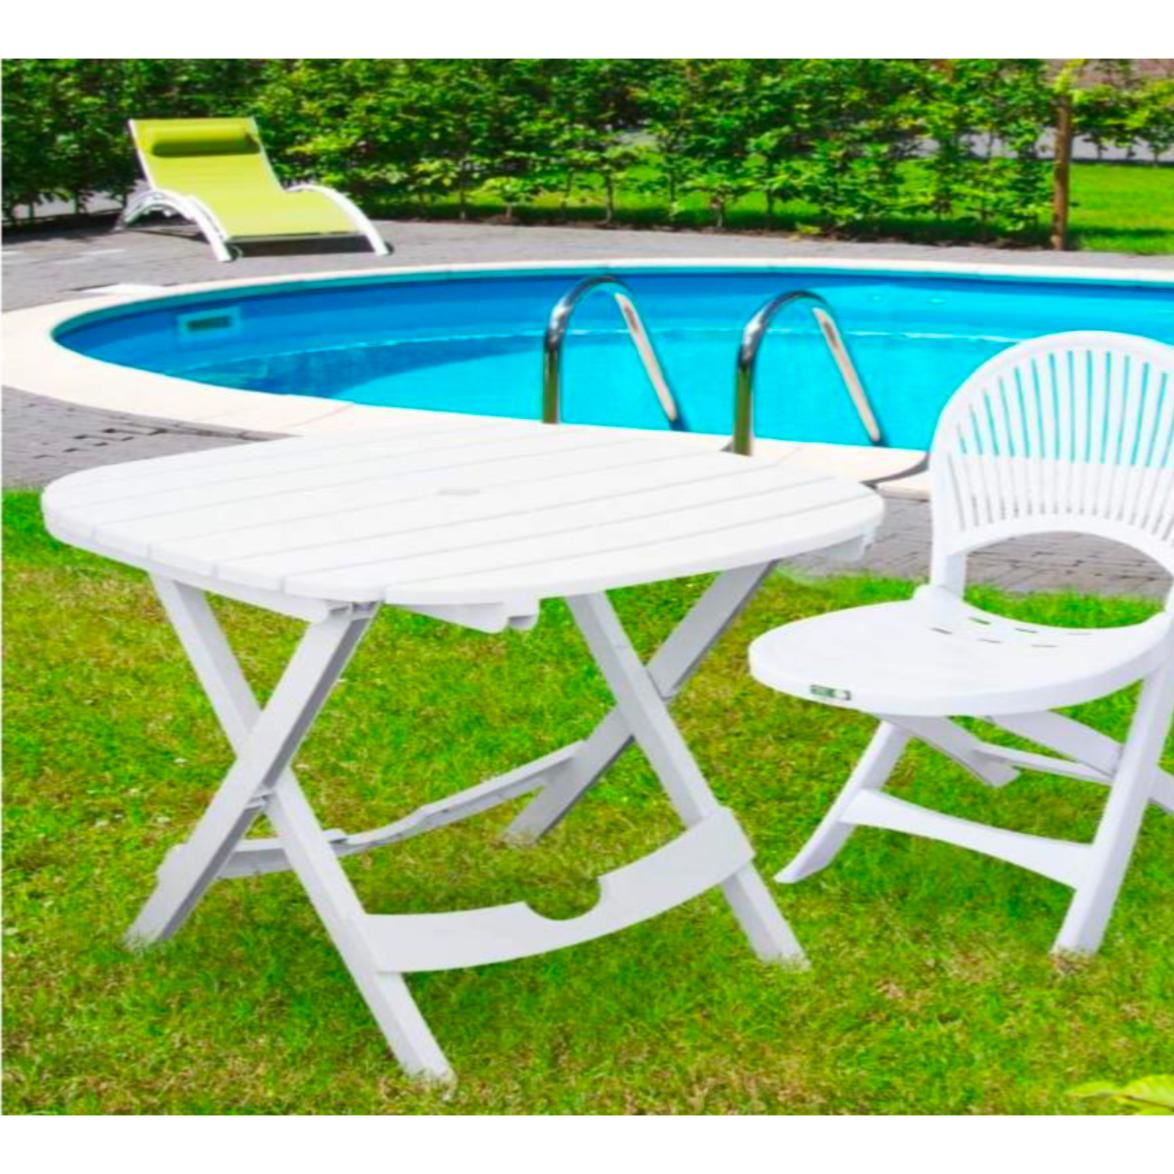 table de jardin blanche pliable lot avec 2 chaises. Black Bedroom Furniture Sets. Home Design Ideas